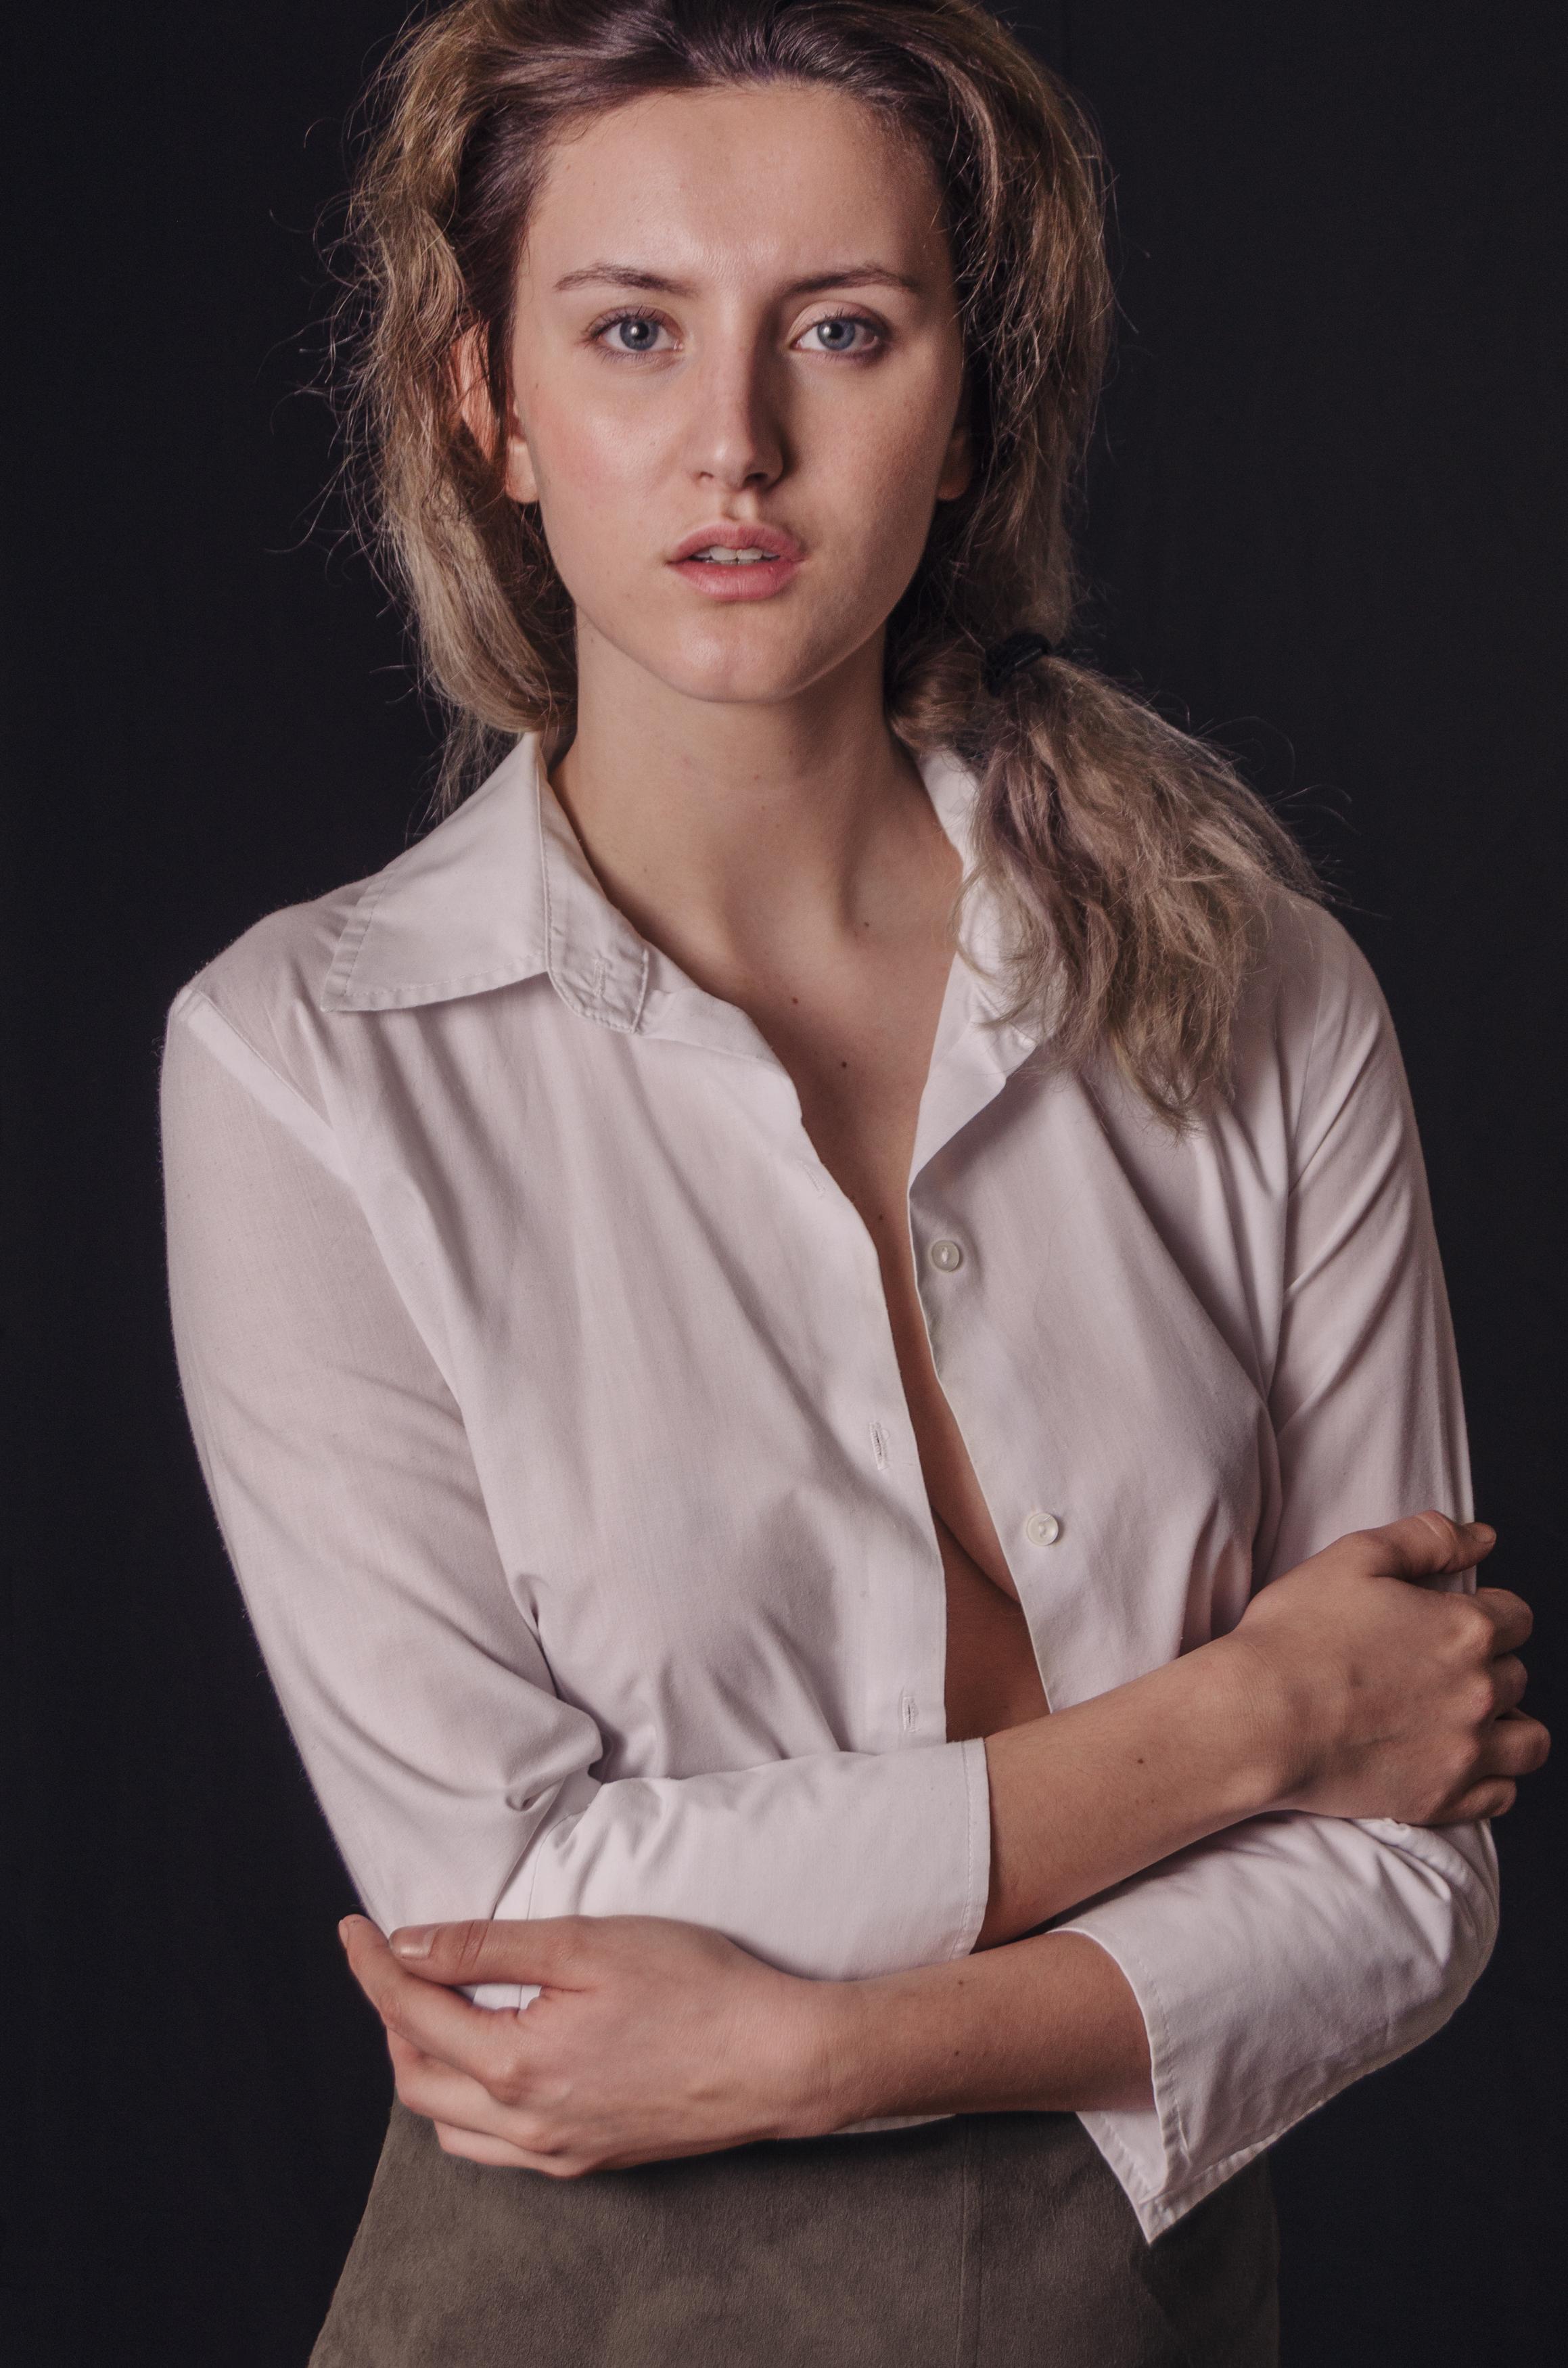 Chantal van den Broek, shoot Femke(09).jpg